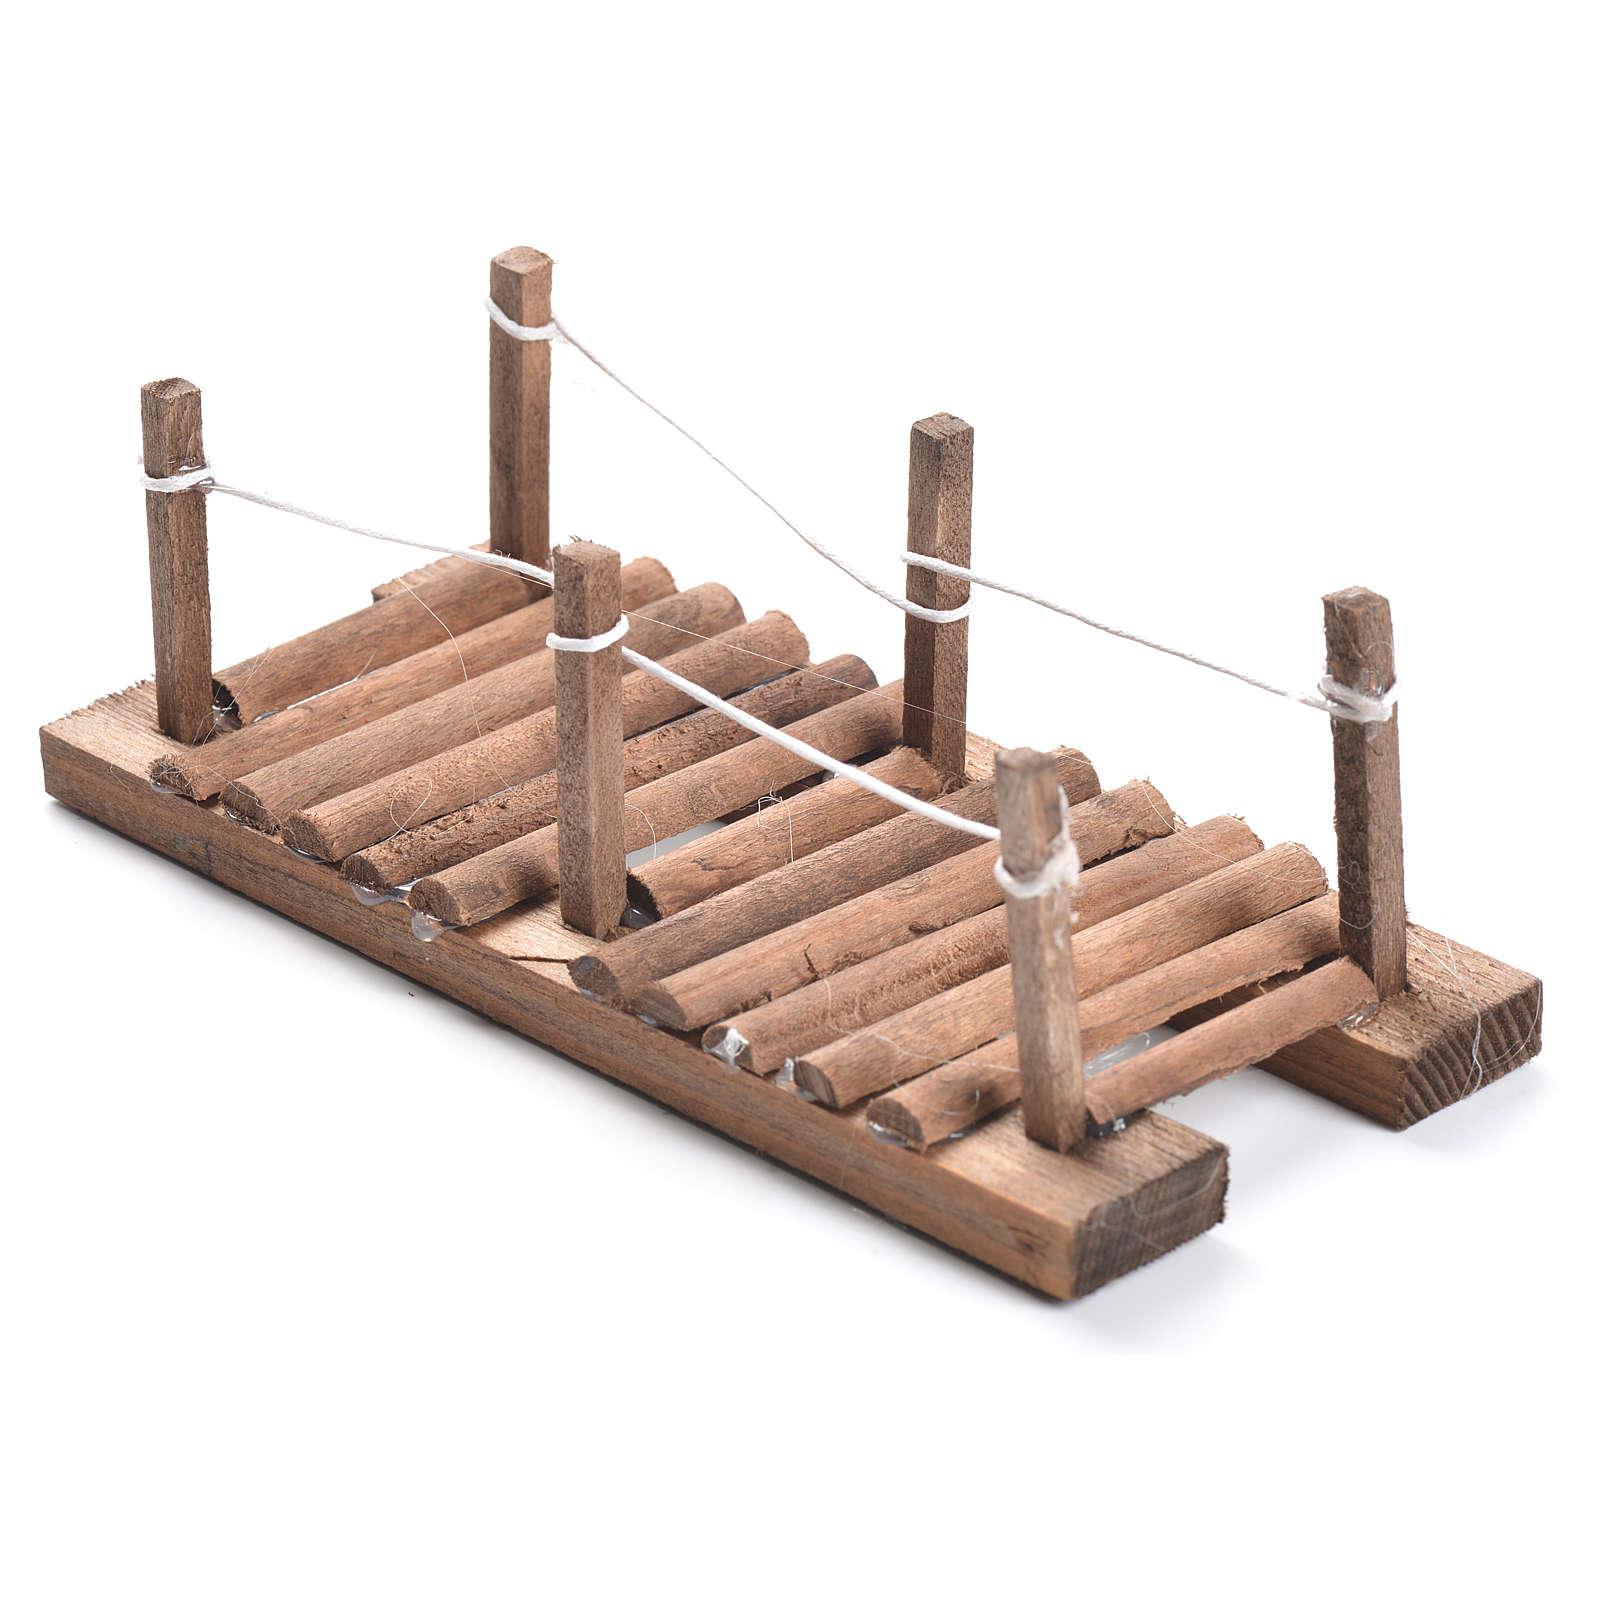 Passerella in legno presepe 5x15x7 cm 4